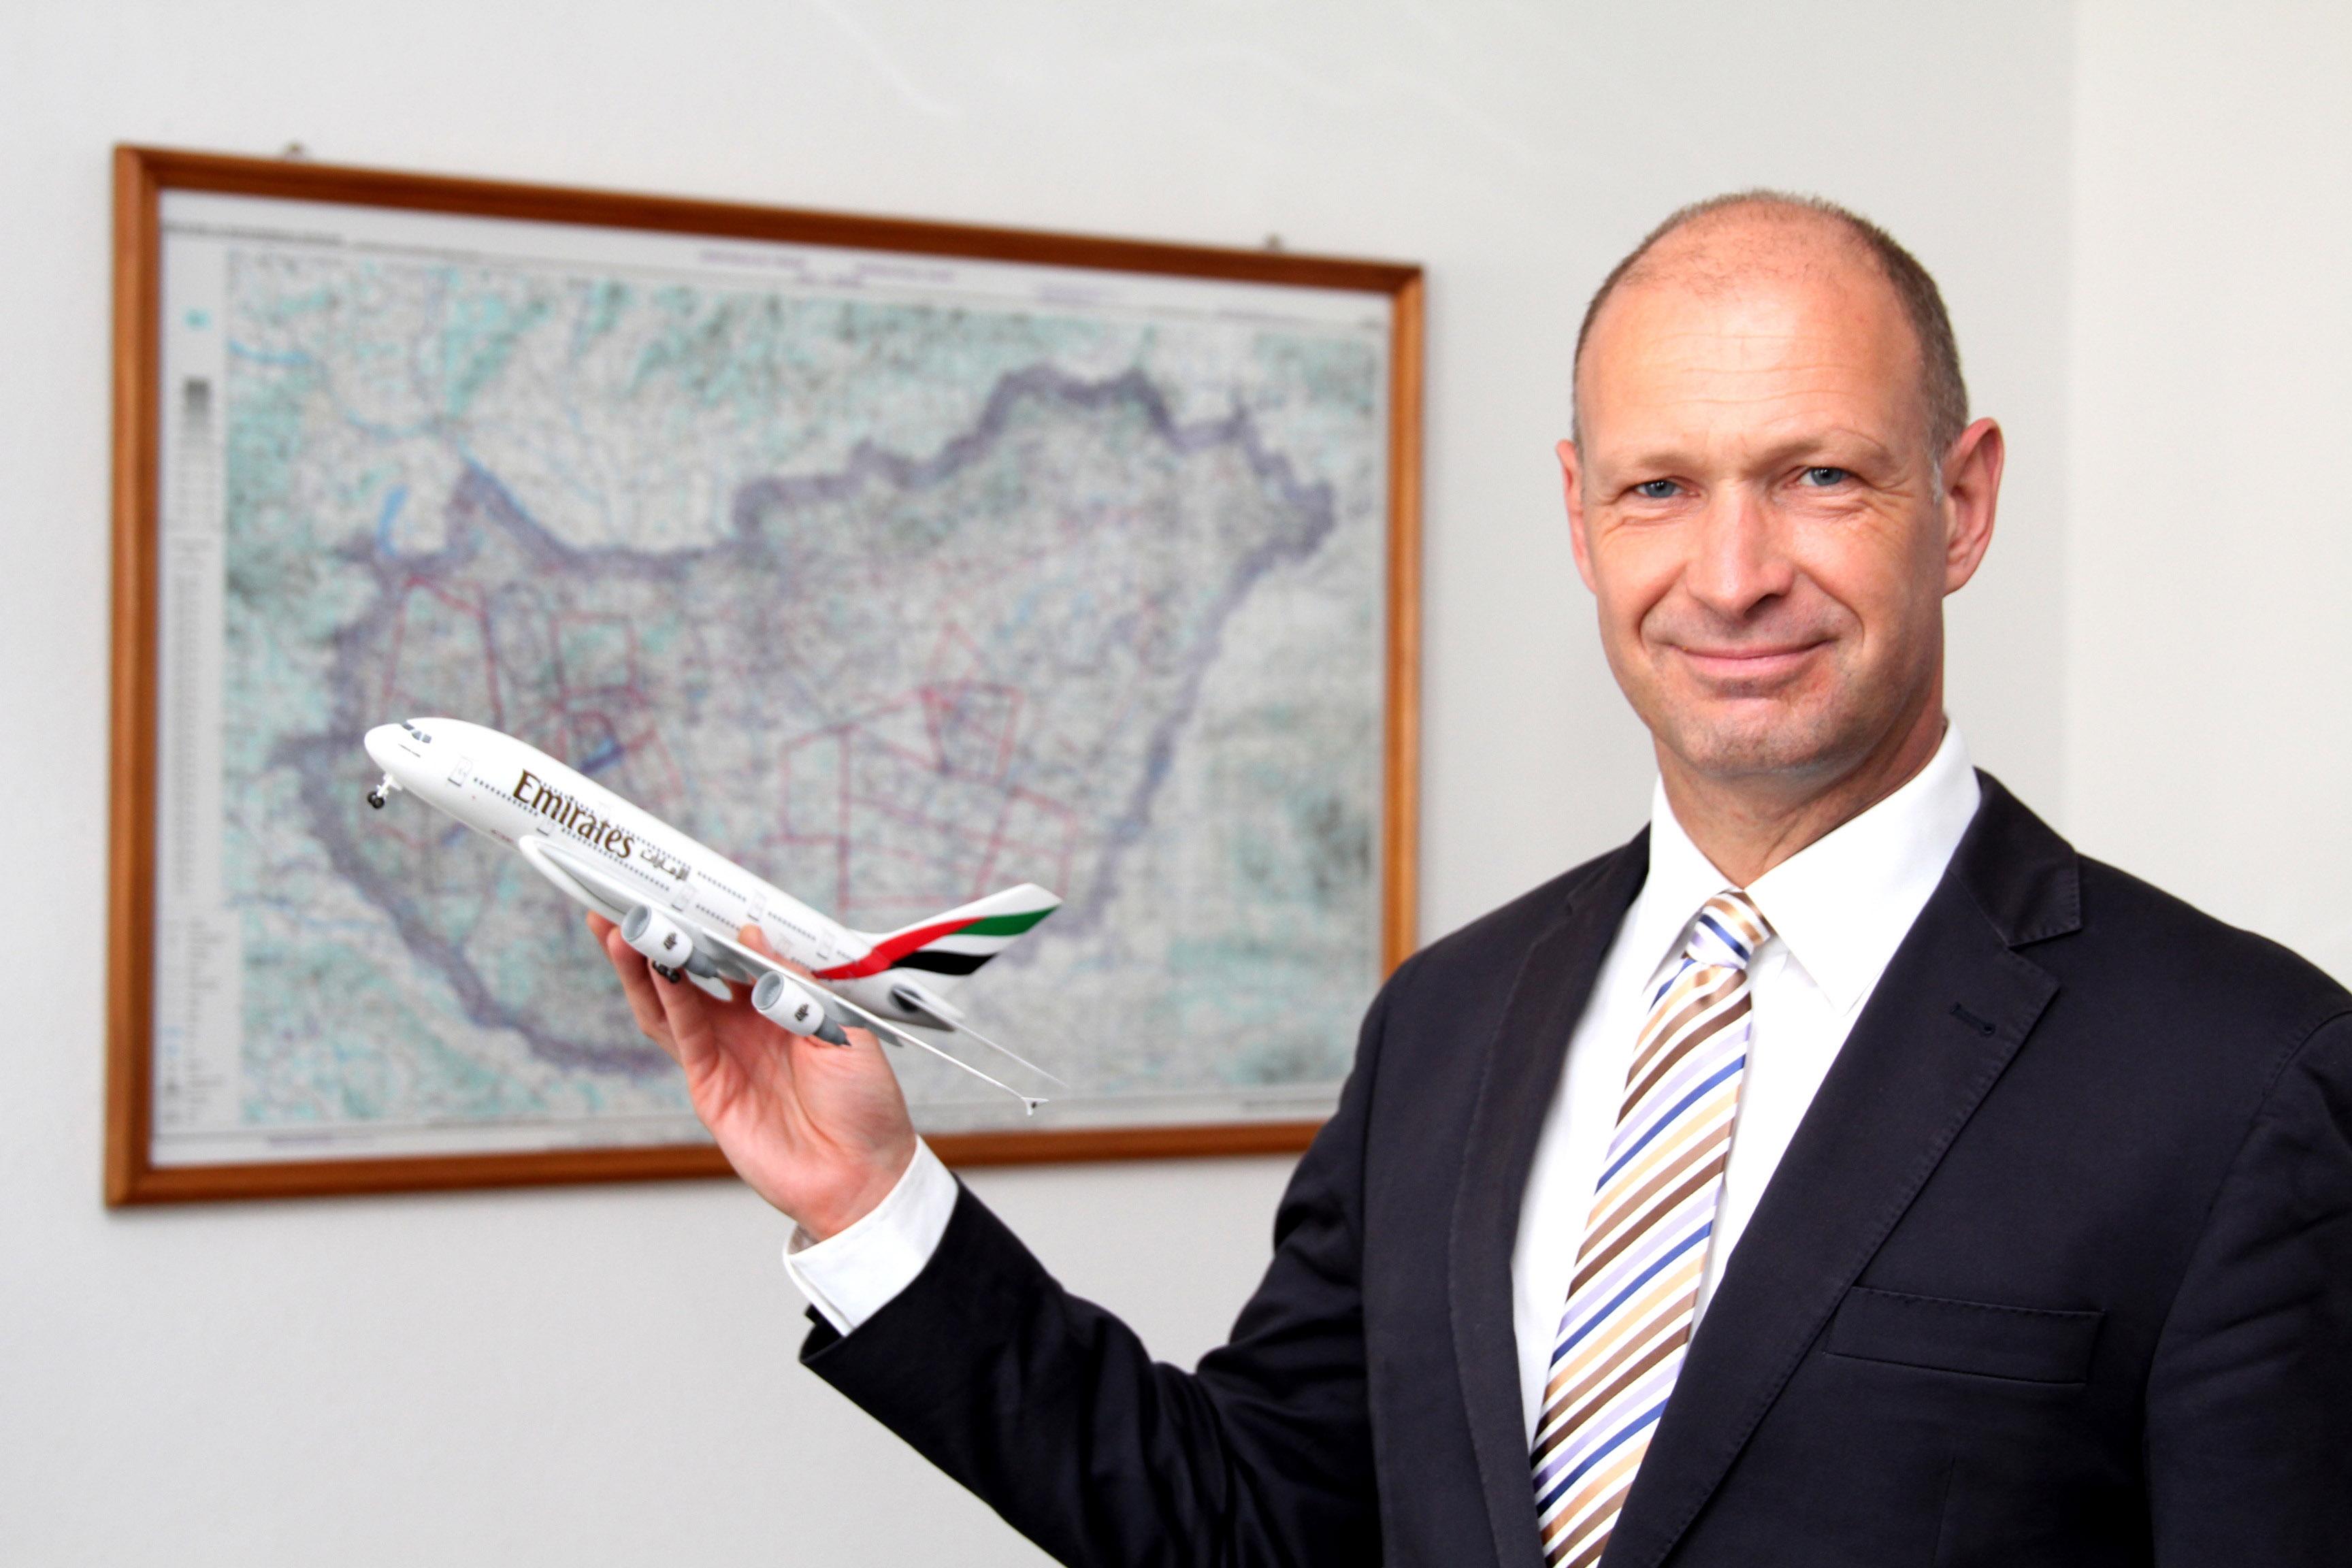 Jost Lammers, a Budapest Airport vezérigazgatója egy Emirates A380 makettel, bár Budapestre egyelőre csak a kisebb A330-as géppel érkezik a légitársaság. (Fotó: Budapest Airport)   © AIRportal.hu